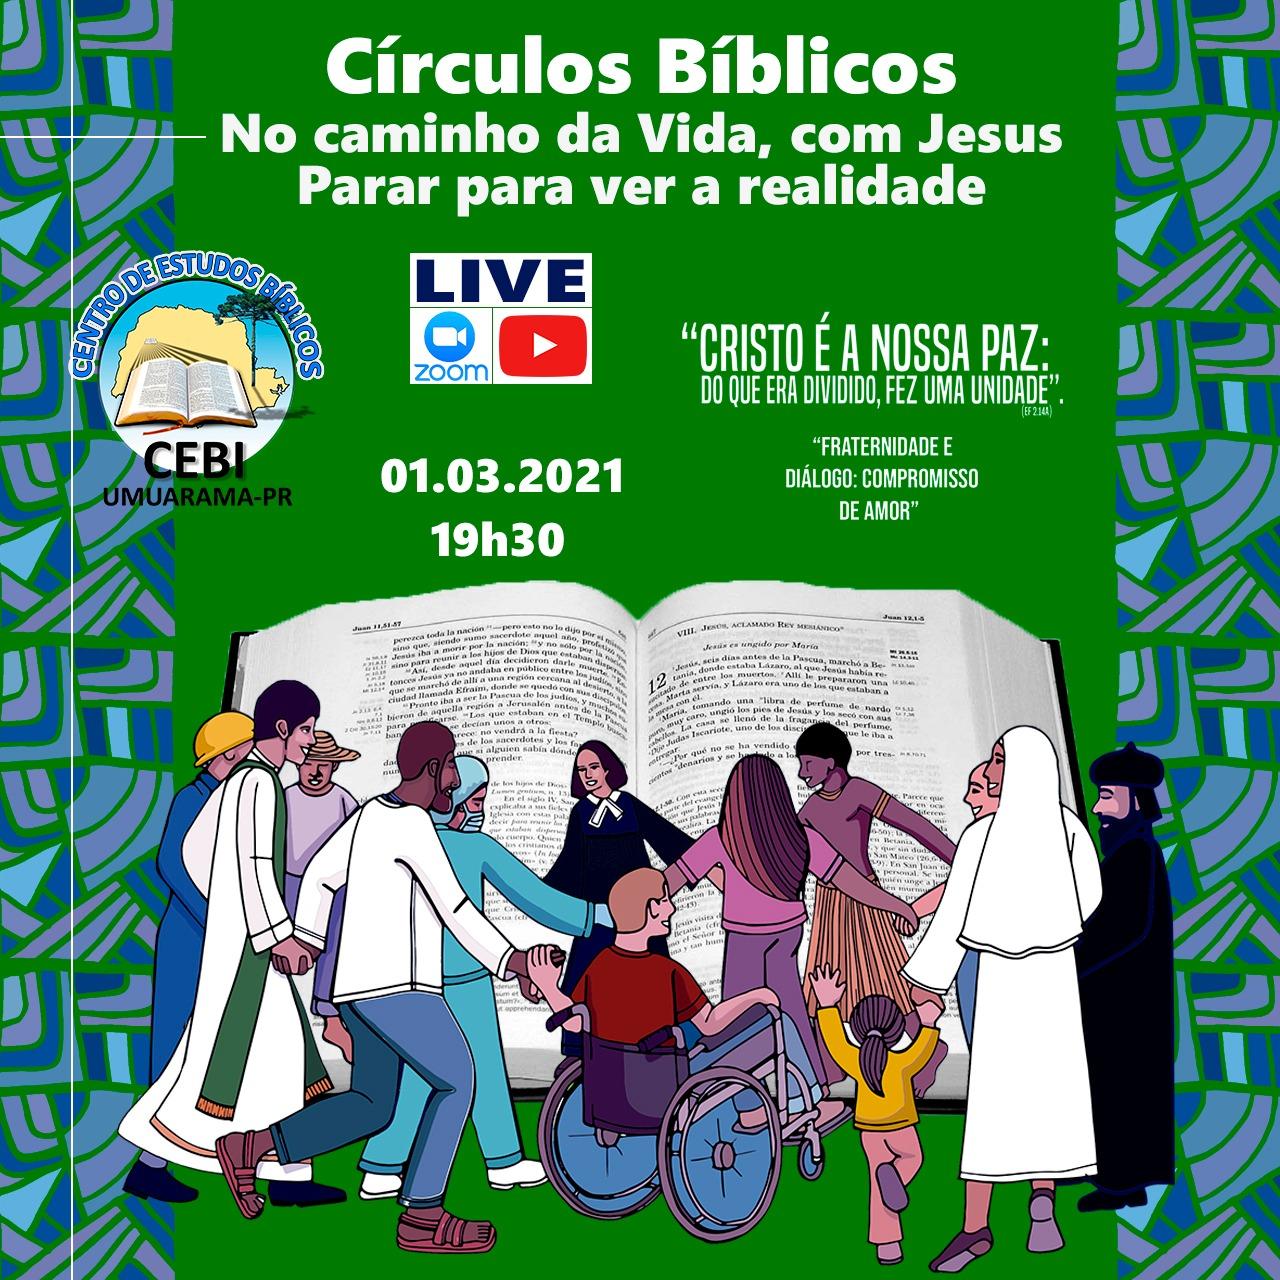 CEBI UMUARAMA: Ciranda de Círculos Bíblicos refletirá sobre a CFE 2021